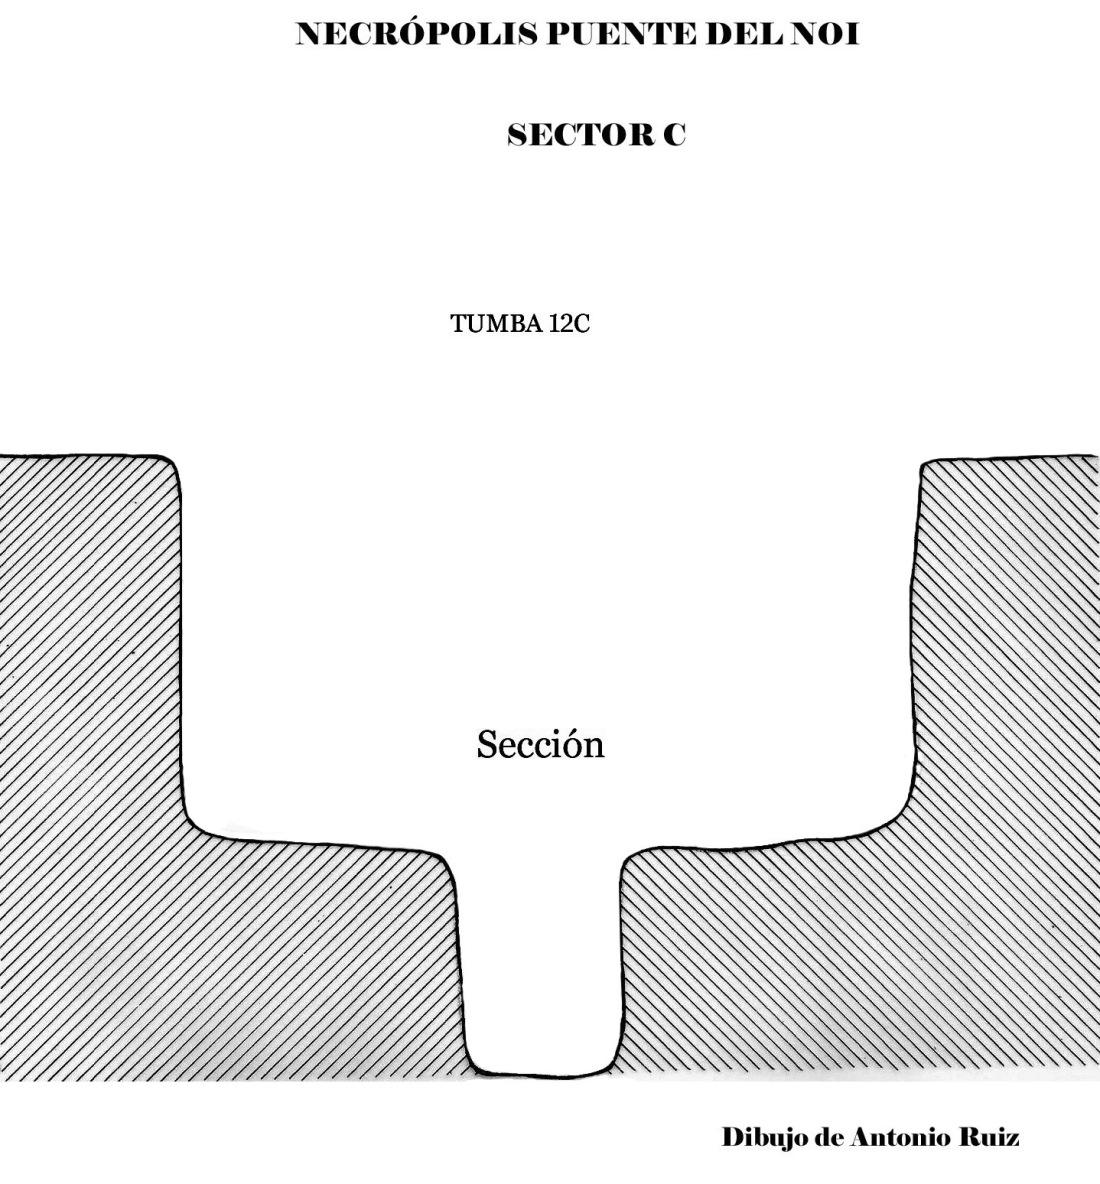 12-1Puente del Noi sector 12C 1 cabecera y pie copia (2)